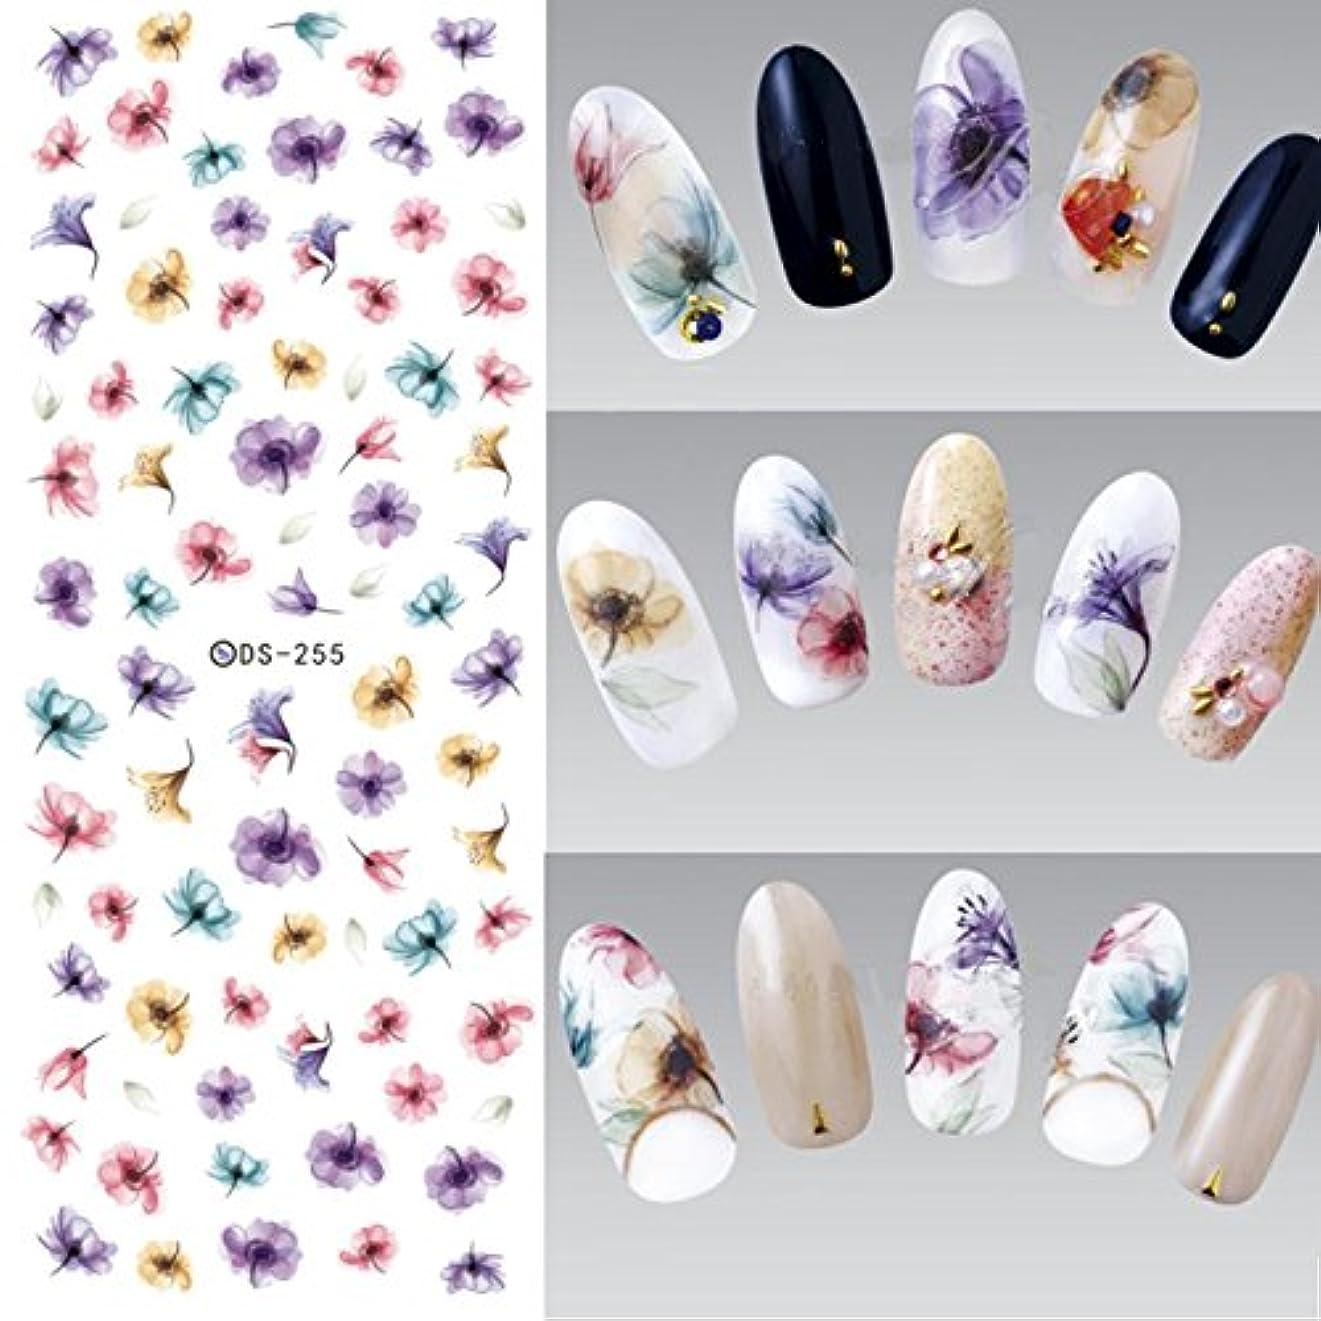 びっくりした排除うっかり3PCS Flowers Nail Art Stickers Polish UV Gel Stickers Nail Tips Decorations Water Transfer Stickers For Nail Design Watermark